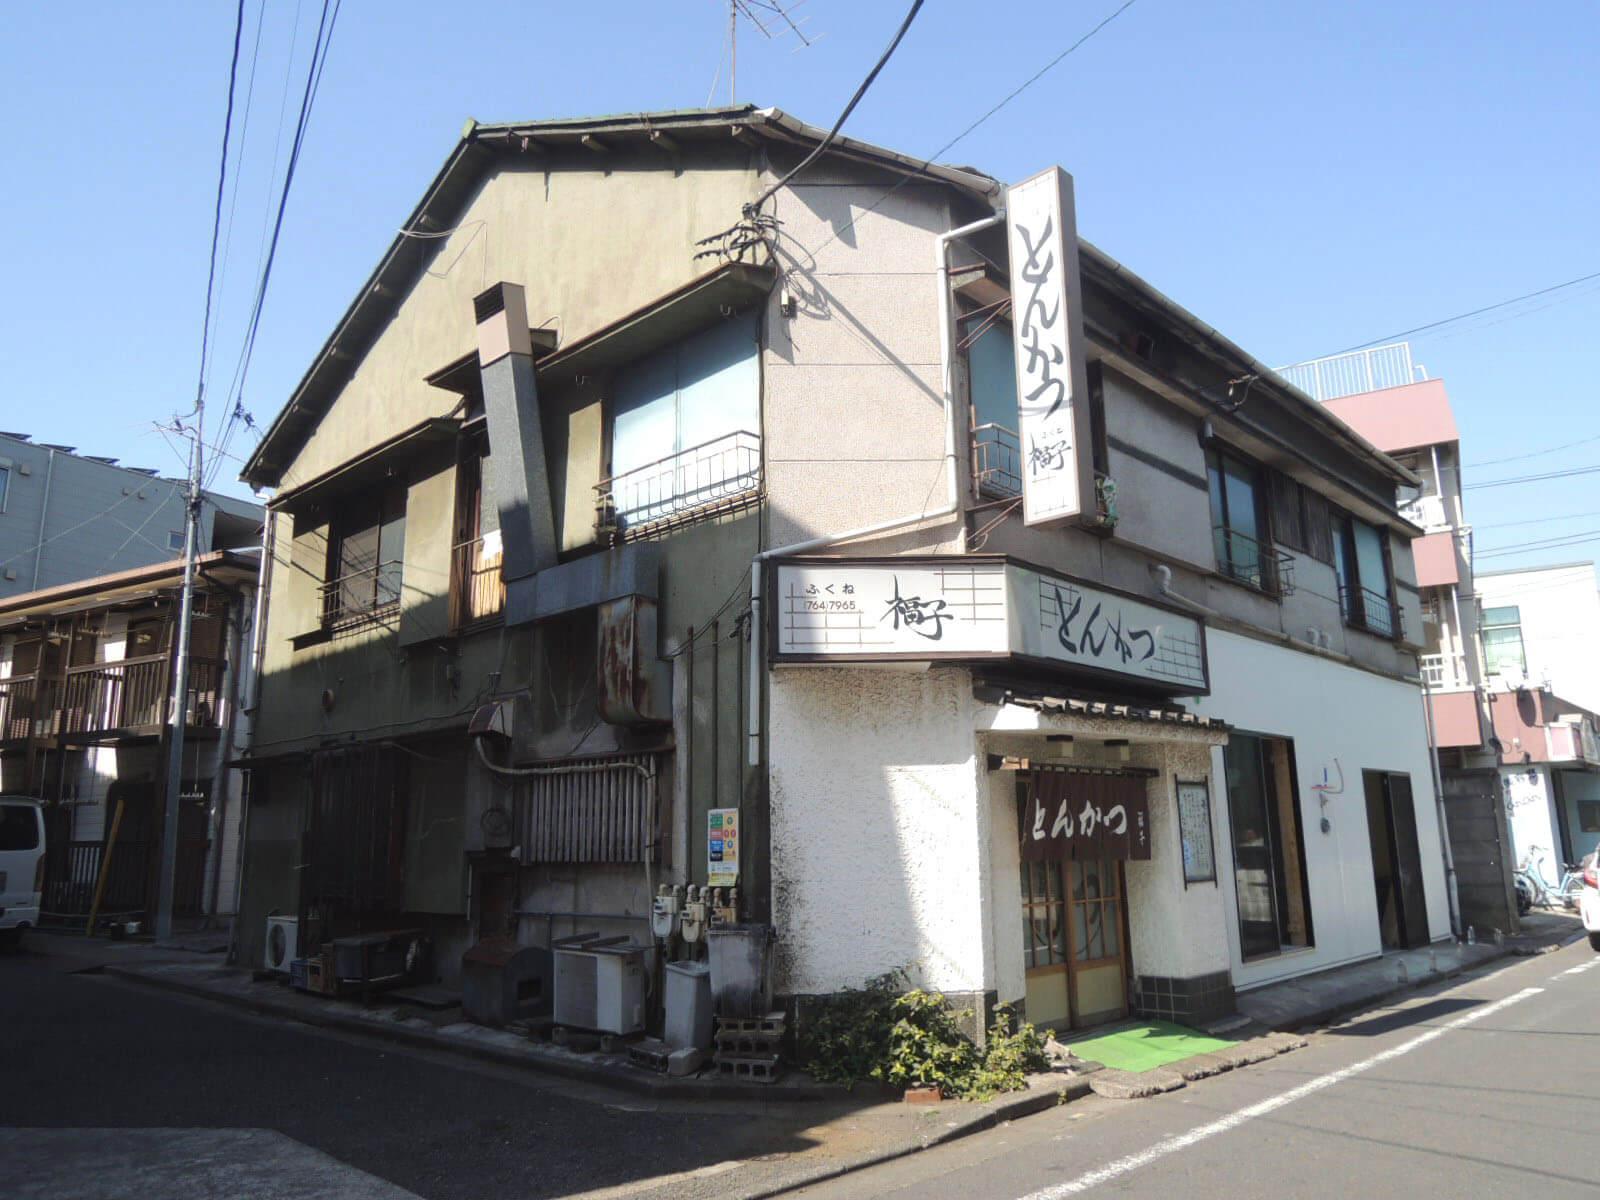 商店街をちょっとだけ外れた場所で出会えた、昭和風情のかわいらしさ。